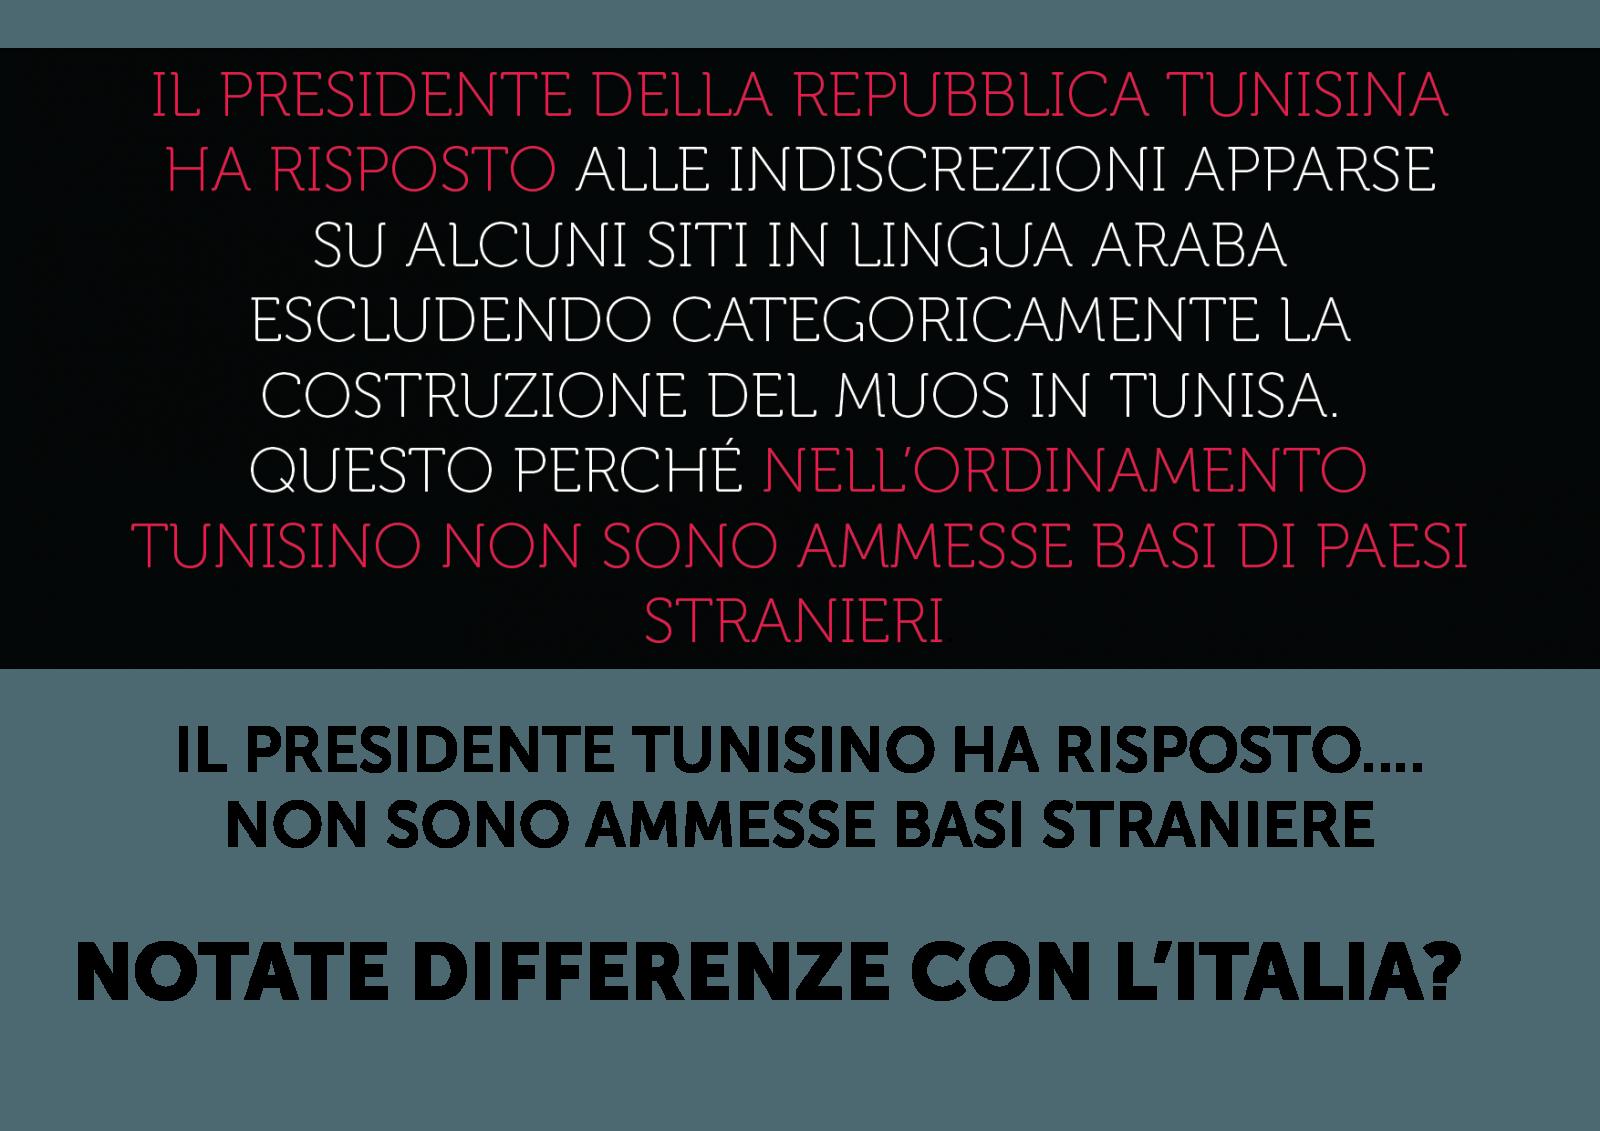 BASI STRANIERE TUNISIA-01